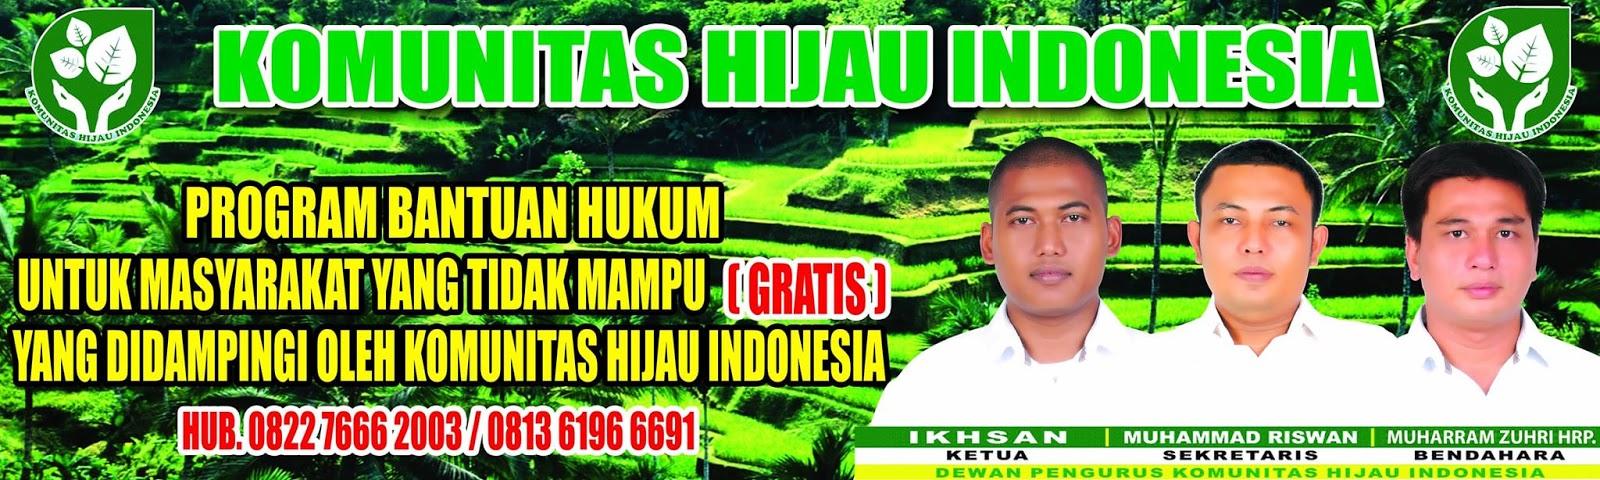 Komunitas Hijau Indonesia